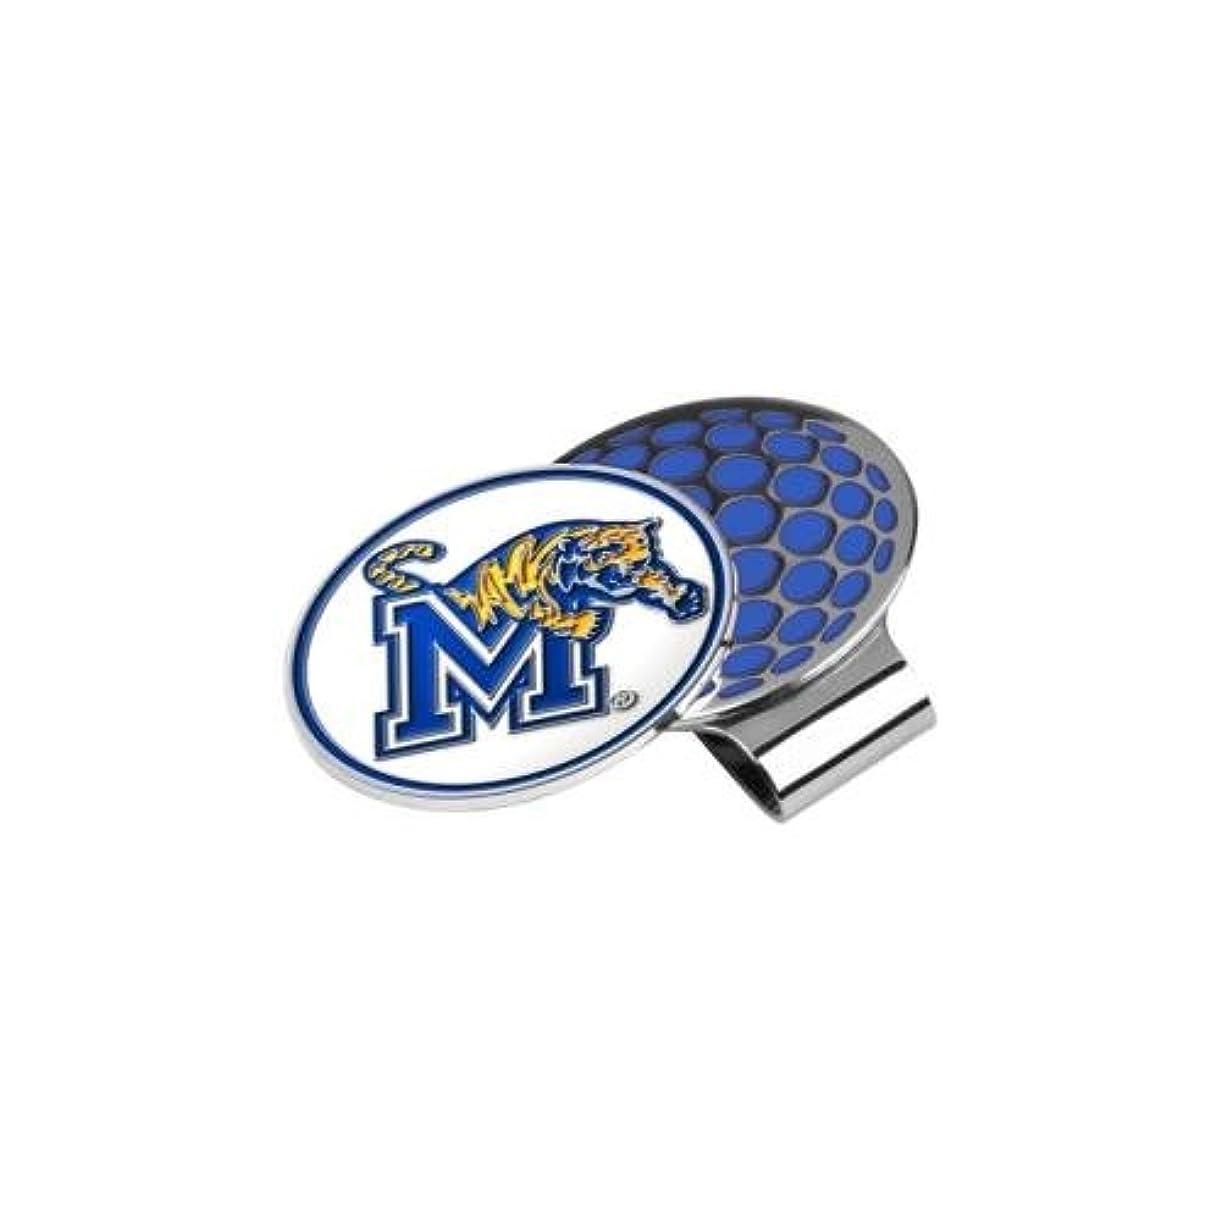 レギュラーショップコーラスNCAA Memphis Tigersゴルフ帽子クリップとボールマーカー、1サイズ